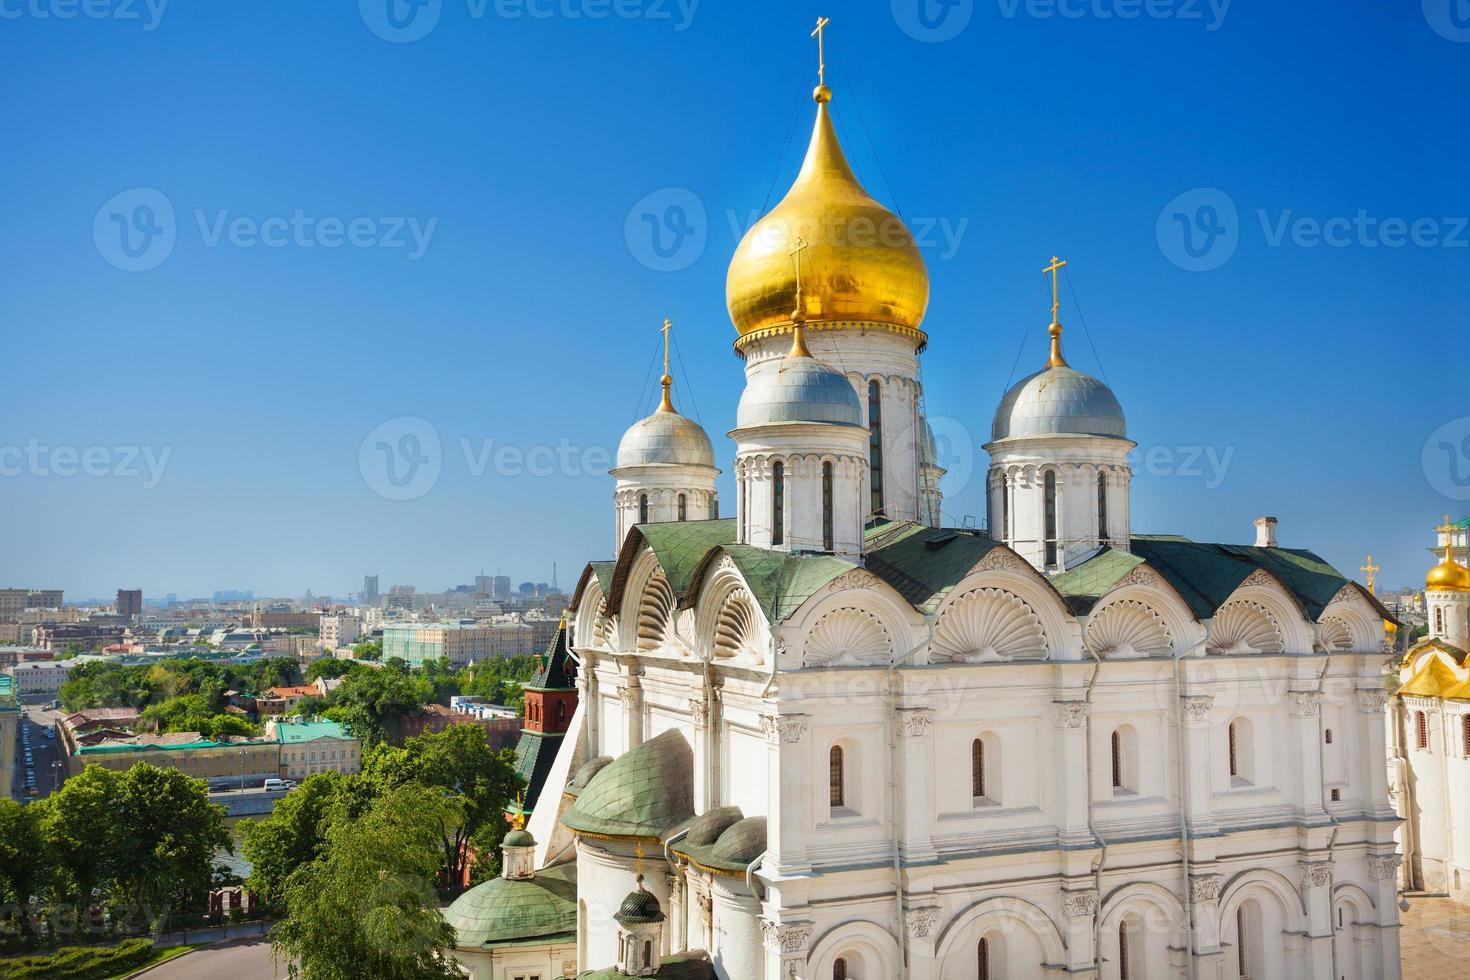 kupolvy av patriarkens palats, Moskva kreml foto